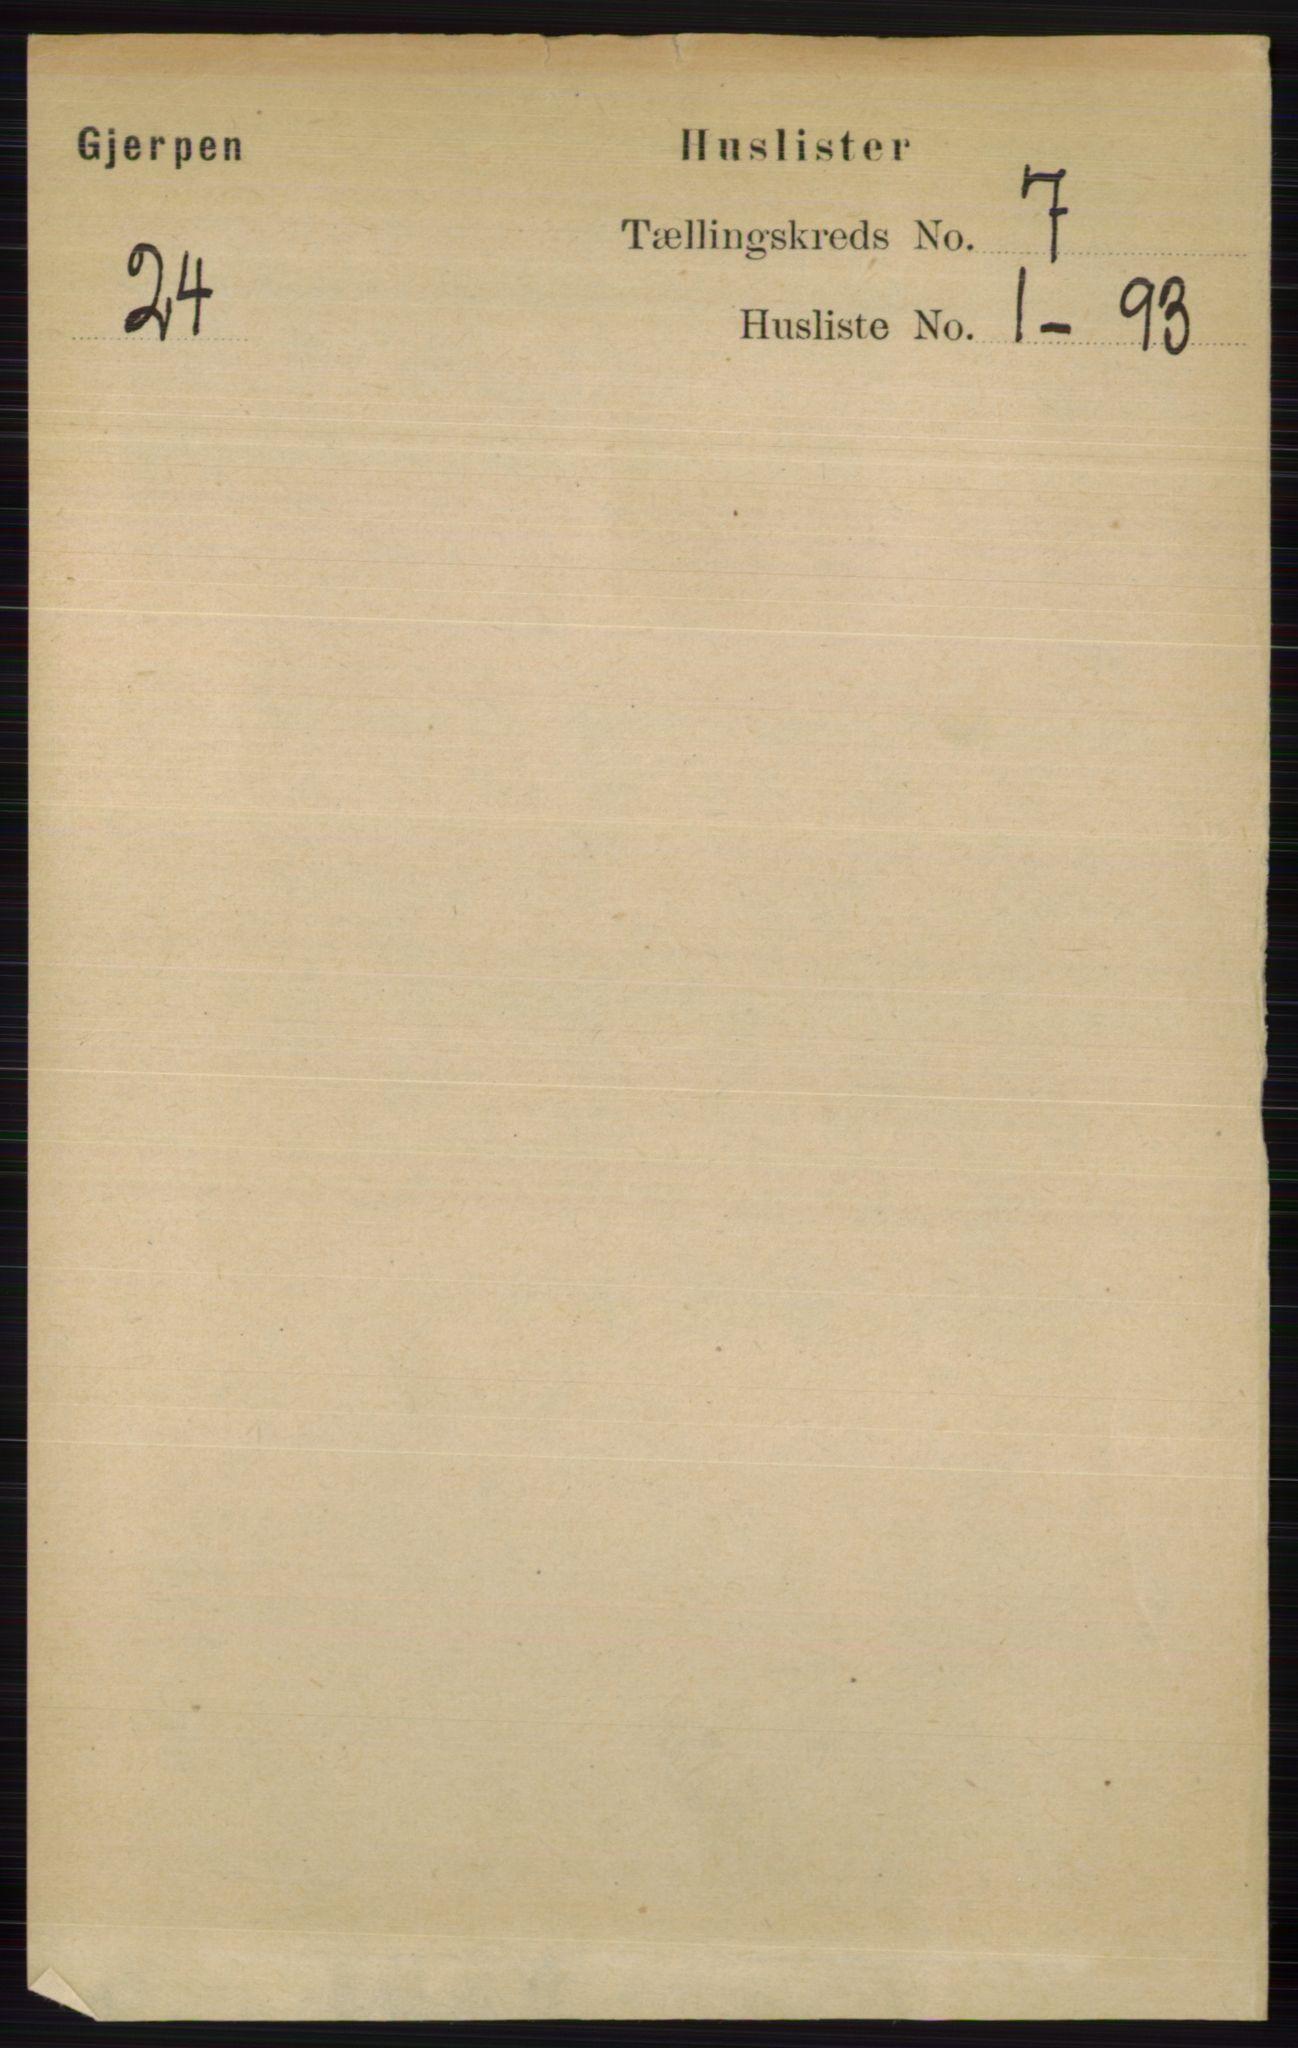 RA, Folketelling 1891 for 0812 Gjerpen herred, 1891, s. 3307